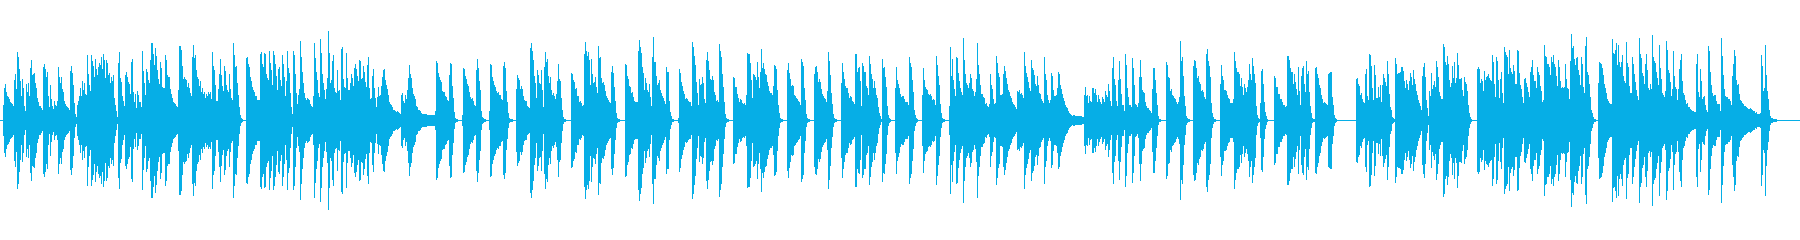 ジャズピアノソロ、動物の動画でほのぼのの再生済みの波形